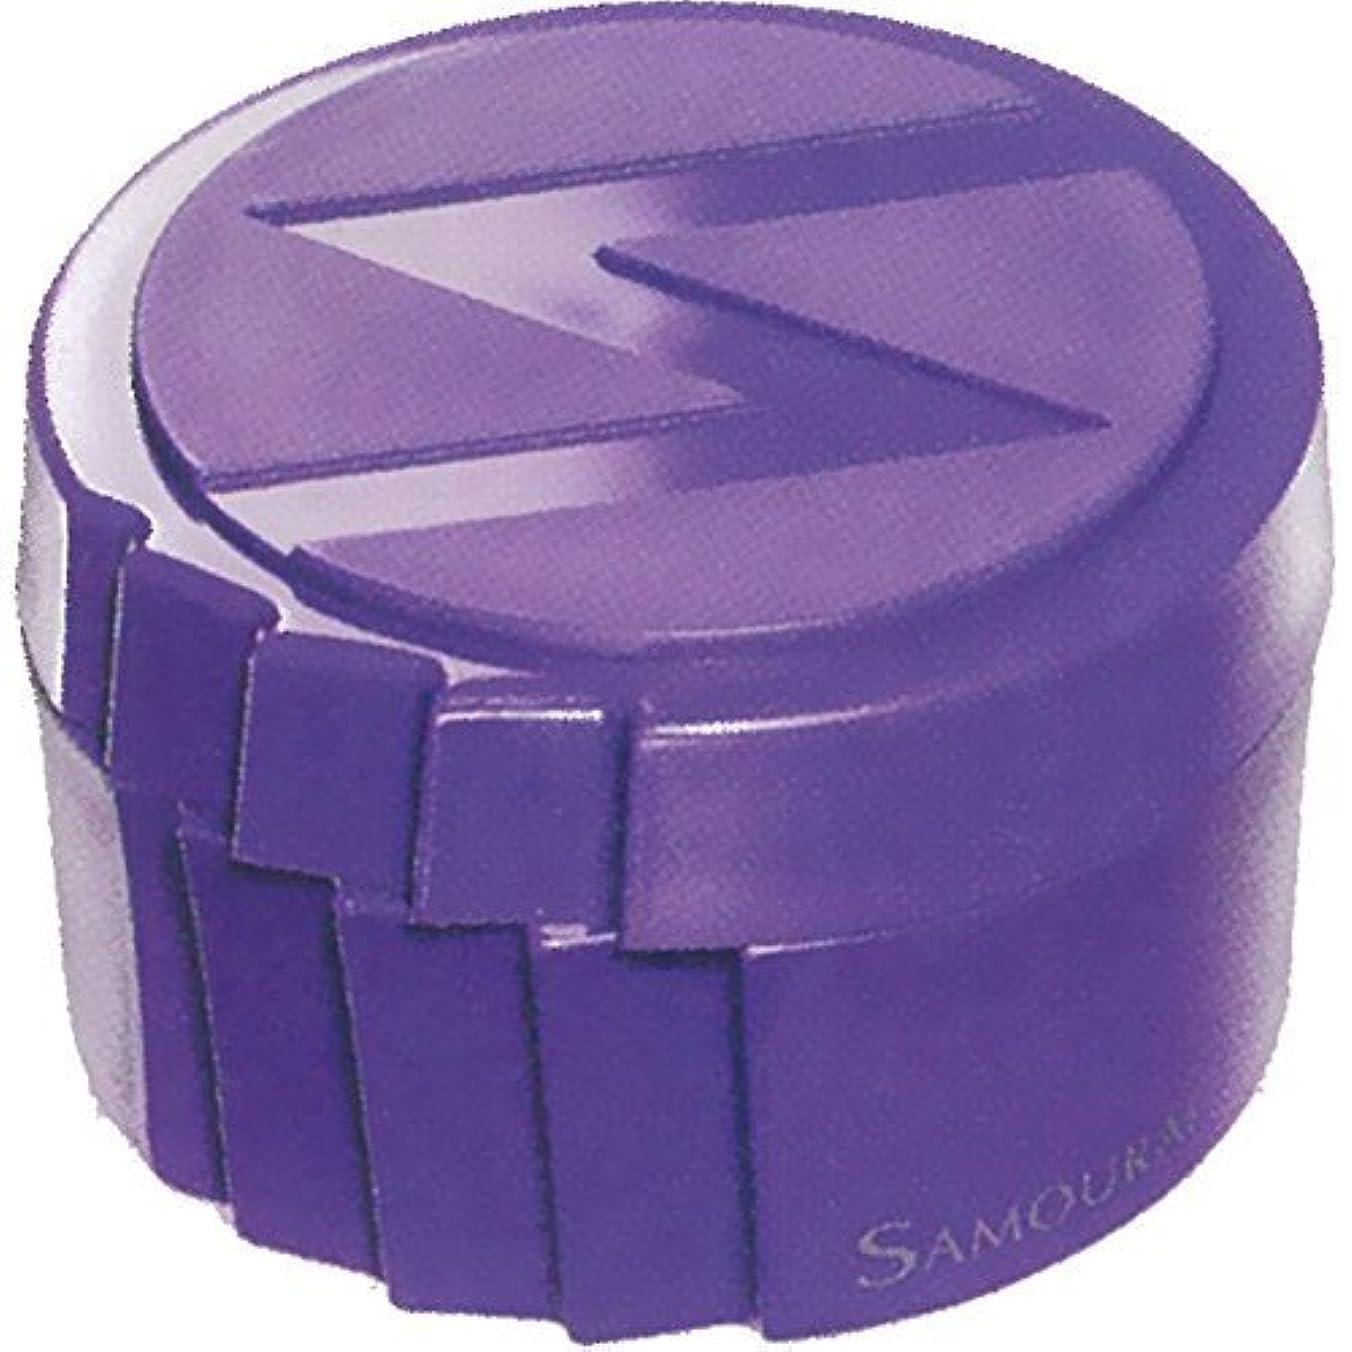 段階グリット札入れサムライスタイル プラスター スライミー